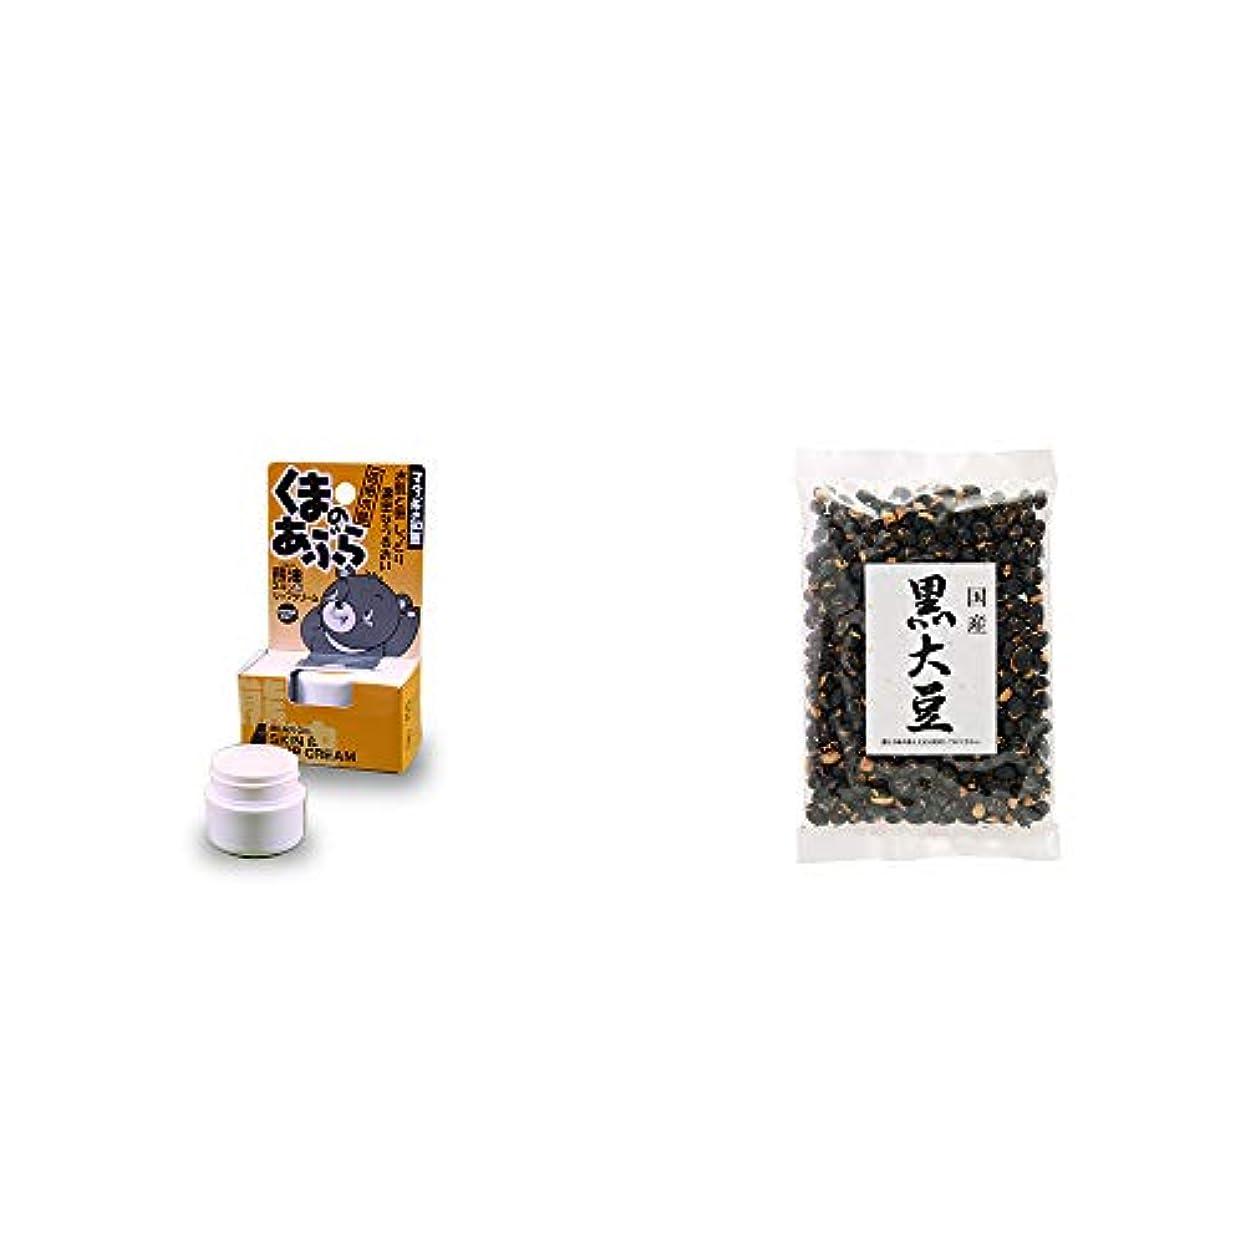 セッションリンクカーフ[2点セット] 信州木曽 くまのあぶら 熊油スキン&リップクリーム(9g)?国産 黒大豆(140g)